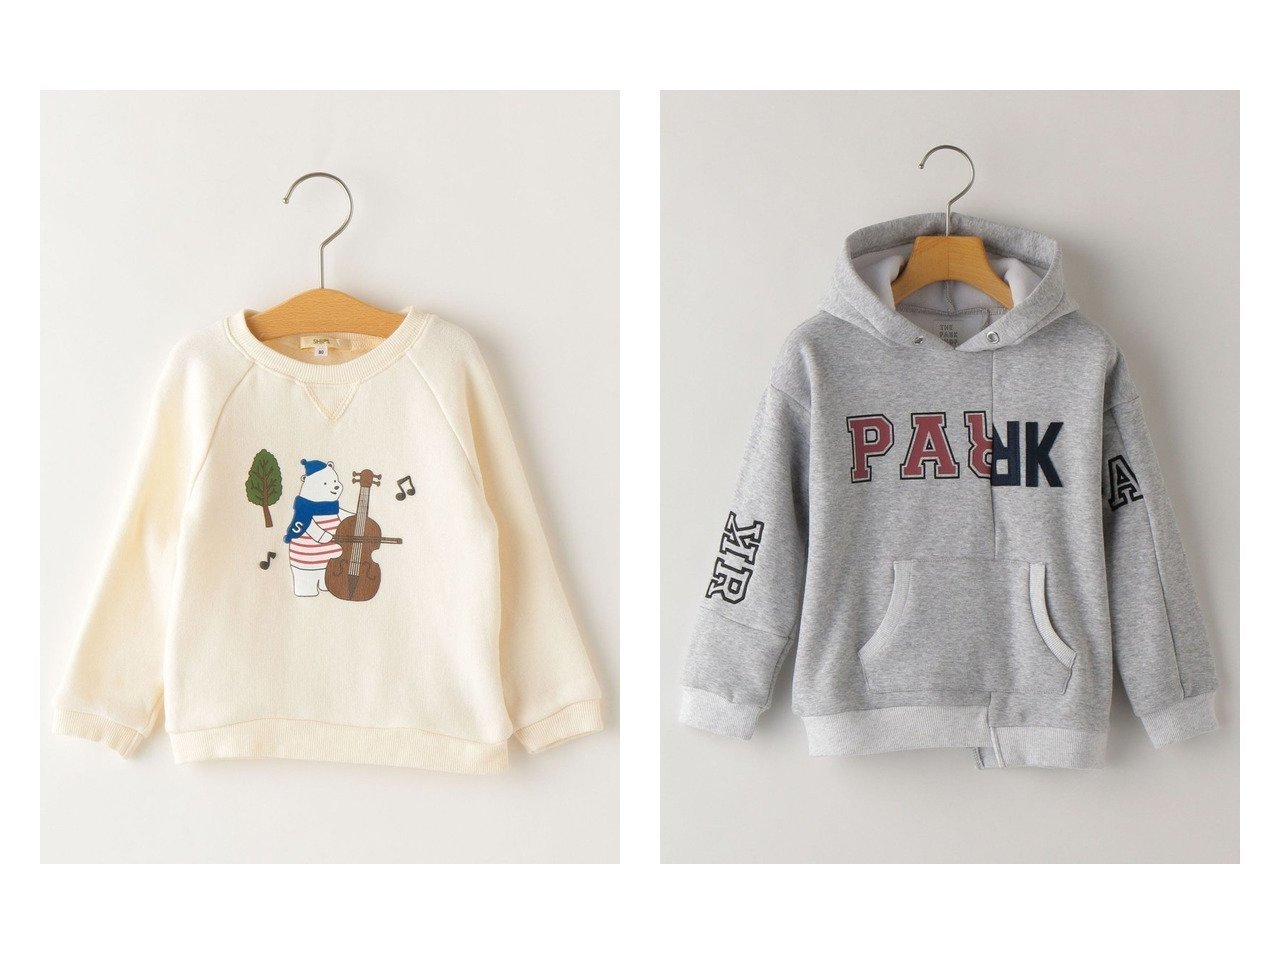 【SHIPS / KIDS/シップス】のTHE PARK SHOP:MIX COLLEGE PARKA(95~135cm)&SHIPS KIDS:ミュージック シロクマ スウェット(80~90cm) 【KIDS】子供服のおすすめ!人気、キッズファッションの通販 おすすめで人気のファッション通販商品 インテリア・家具・キッズファッション・メンズファッション・レディースファッション・服の通販 founy(ファニー) https://founy.com/ ファッション Fashion キッズ KIDS トップス Tops Tees Kids カットソー スウェット プリント マフラー 冬 Winter ヴィンテージ スポーツ ドッキング なめらか パターン パーカー フェルト 防寒 |ID:crp329100000003775